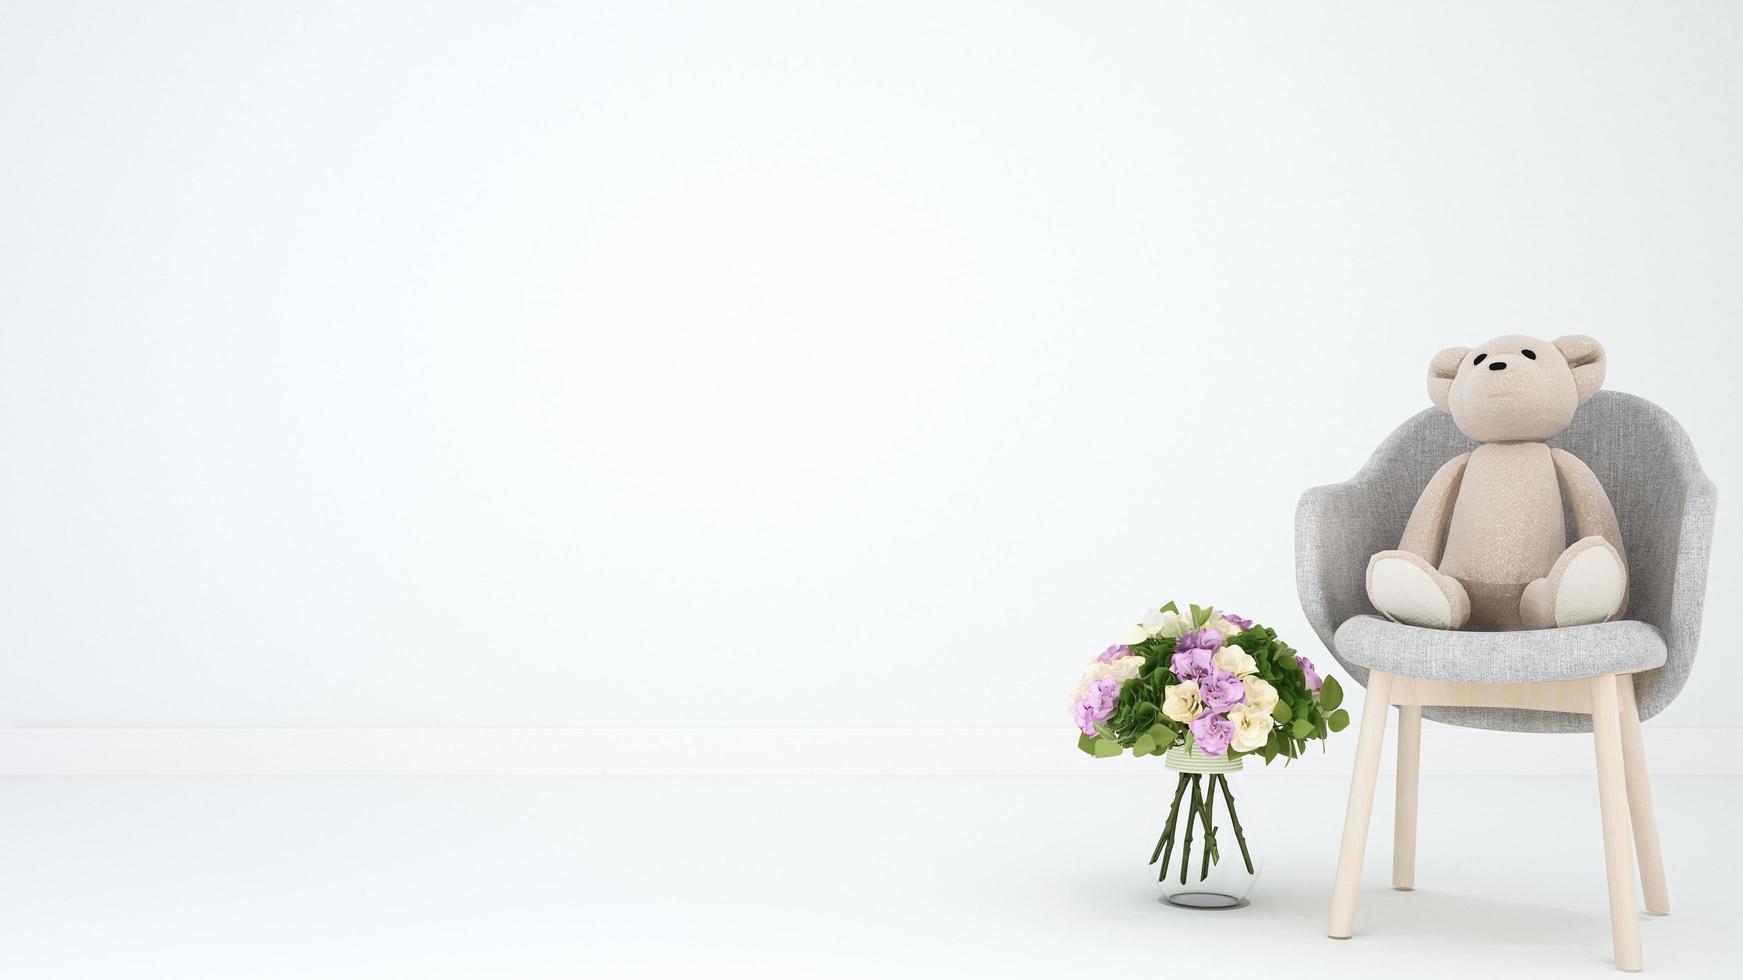 teddybeer op fauteuil en bloem voor kunstwerk foto